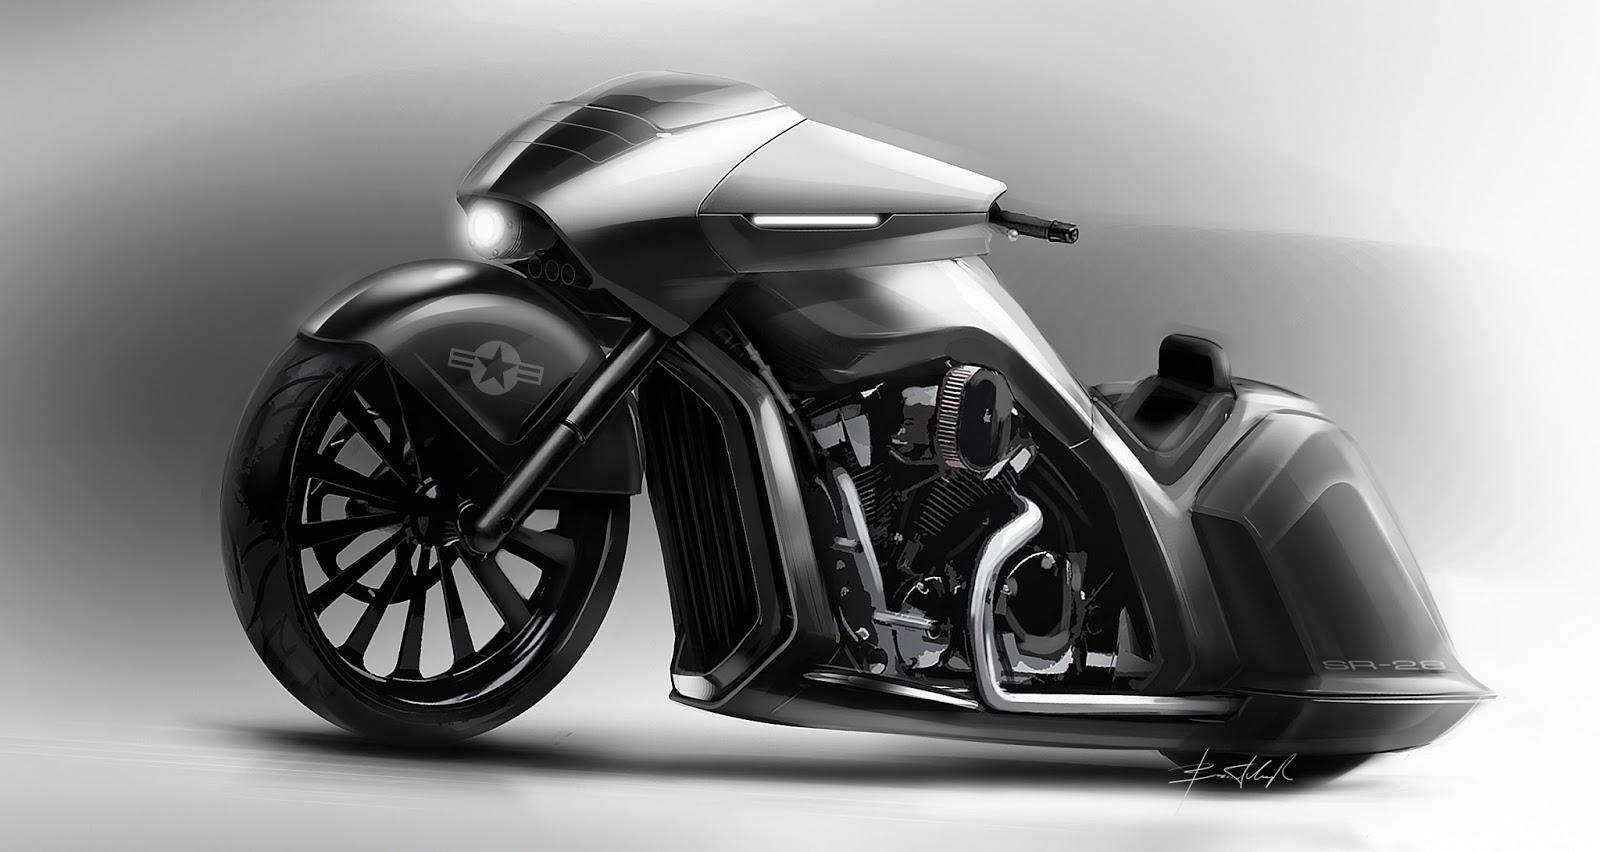 medium resolution of sr 28 custom motorcycle based on honda vtx 1800